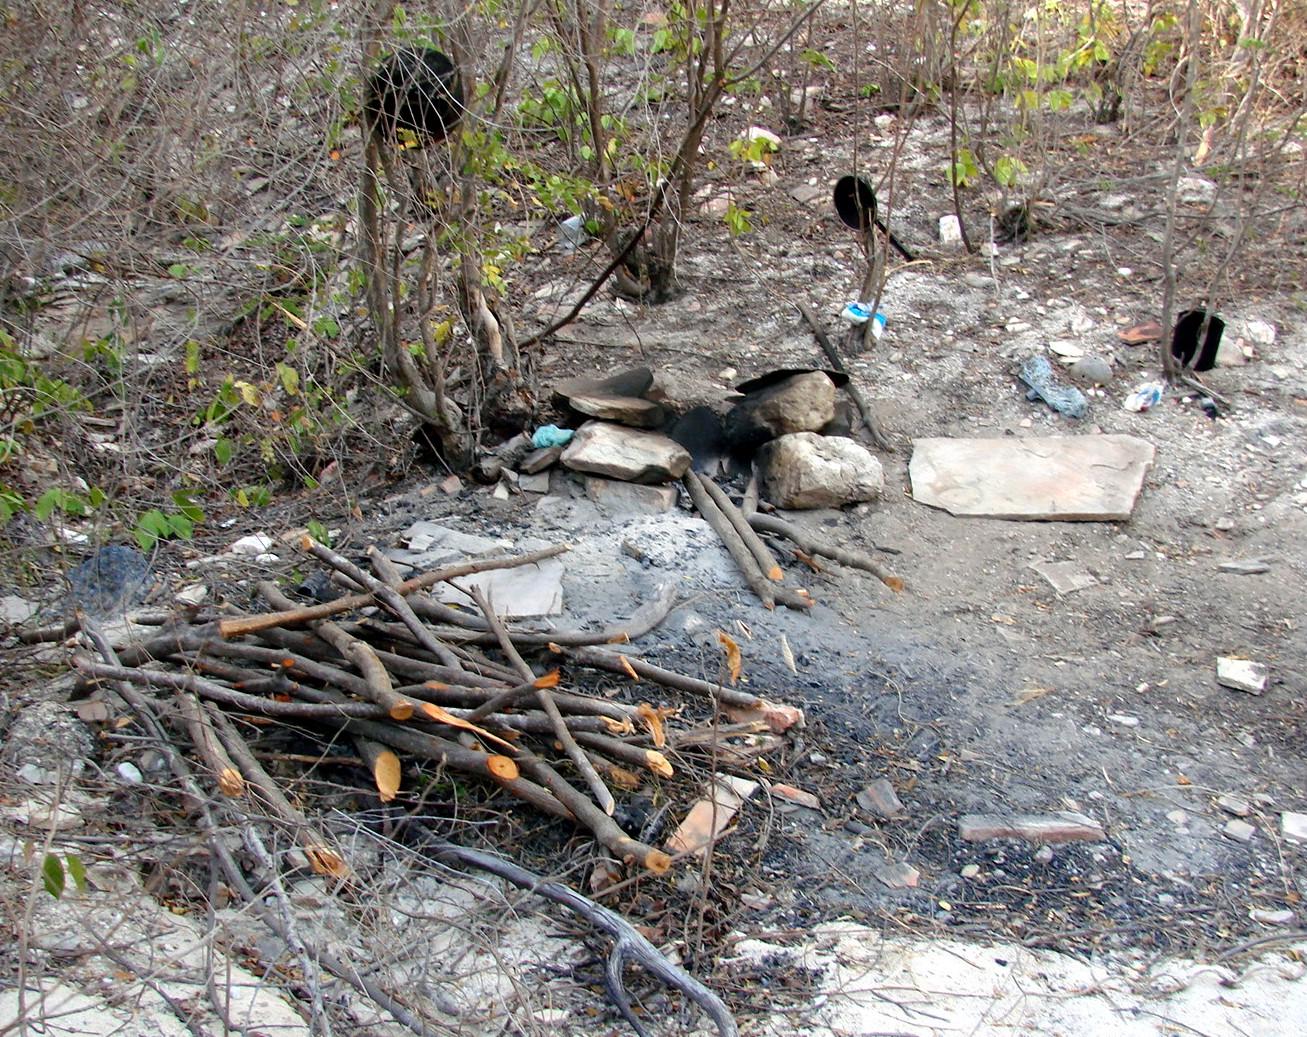 Marcas de fogueira para improvisar refeições na entra de outra mina